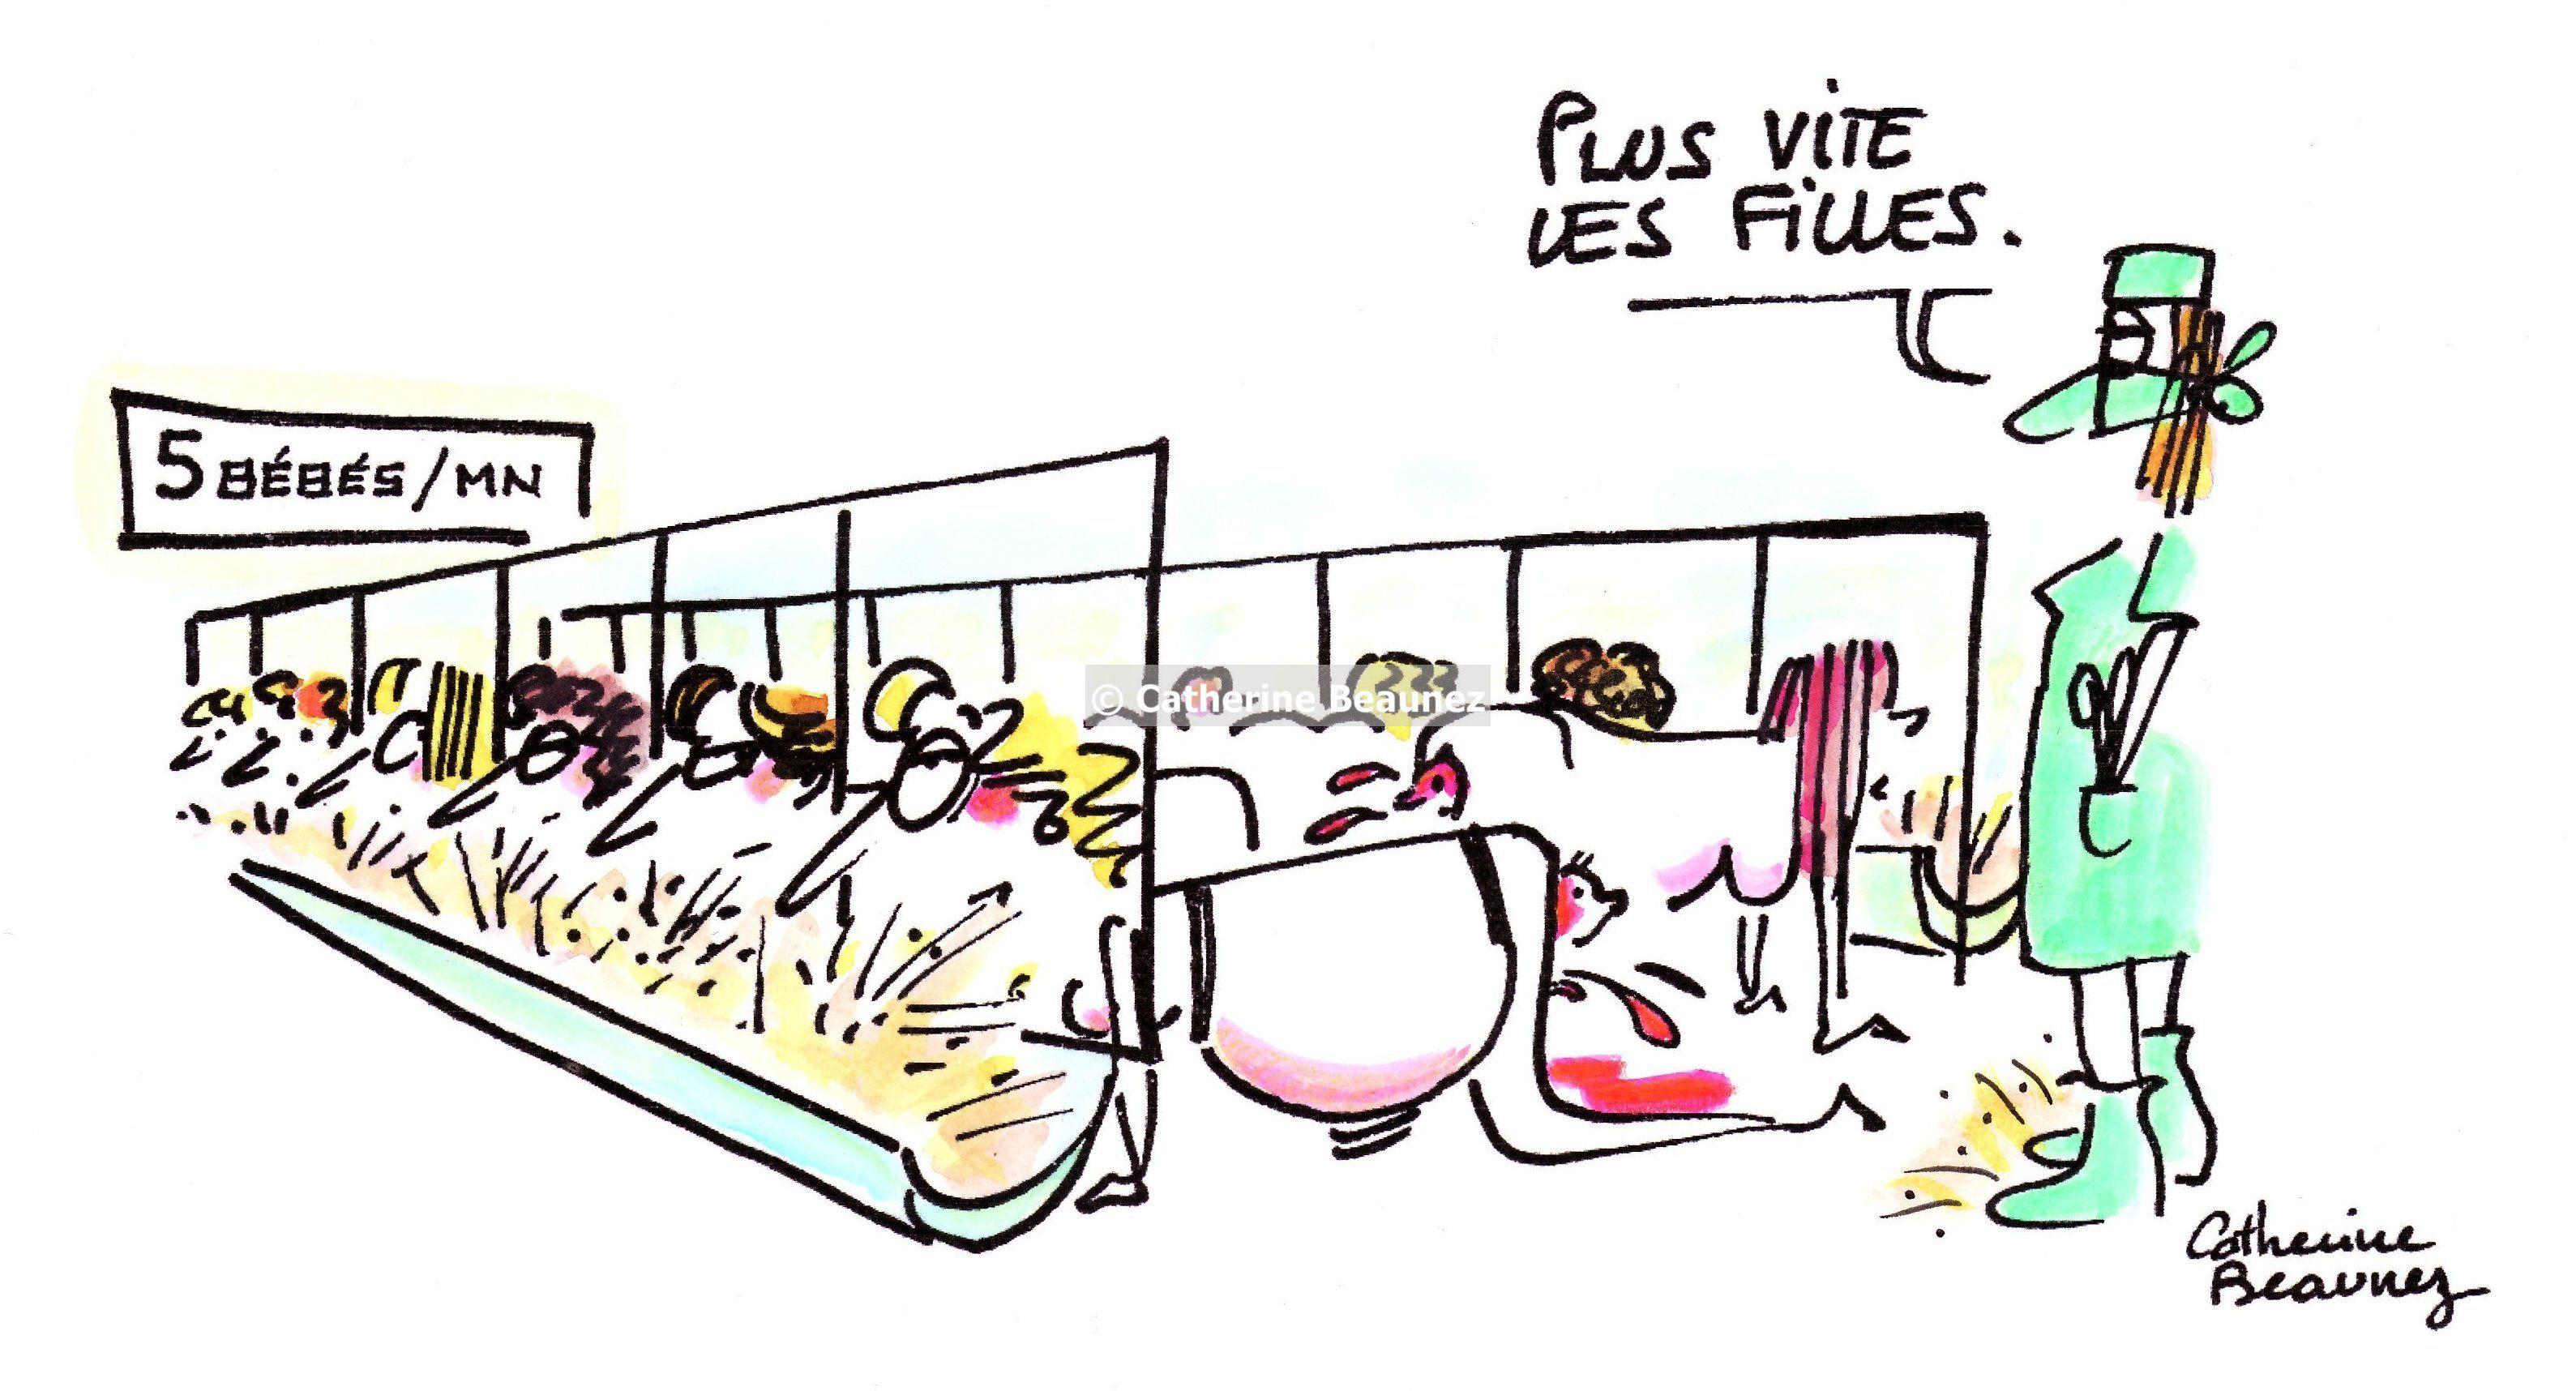 Dessins - Catherine Beaunez - dessins d'humour